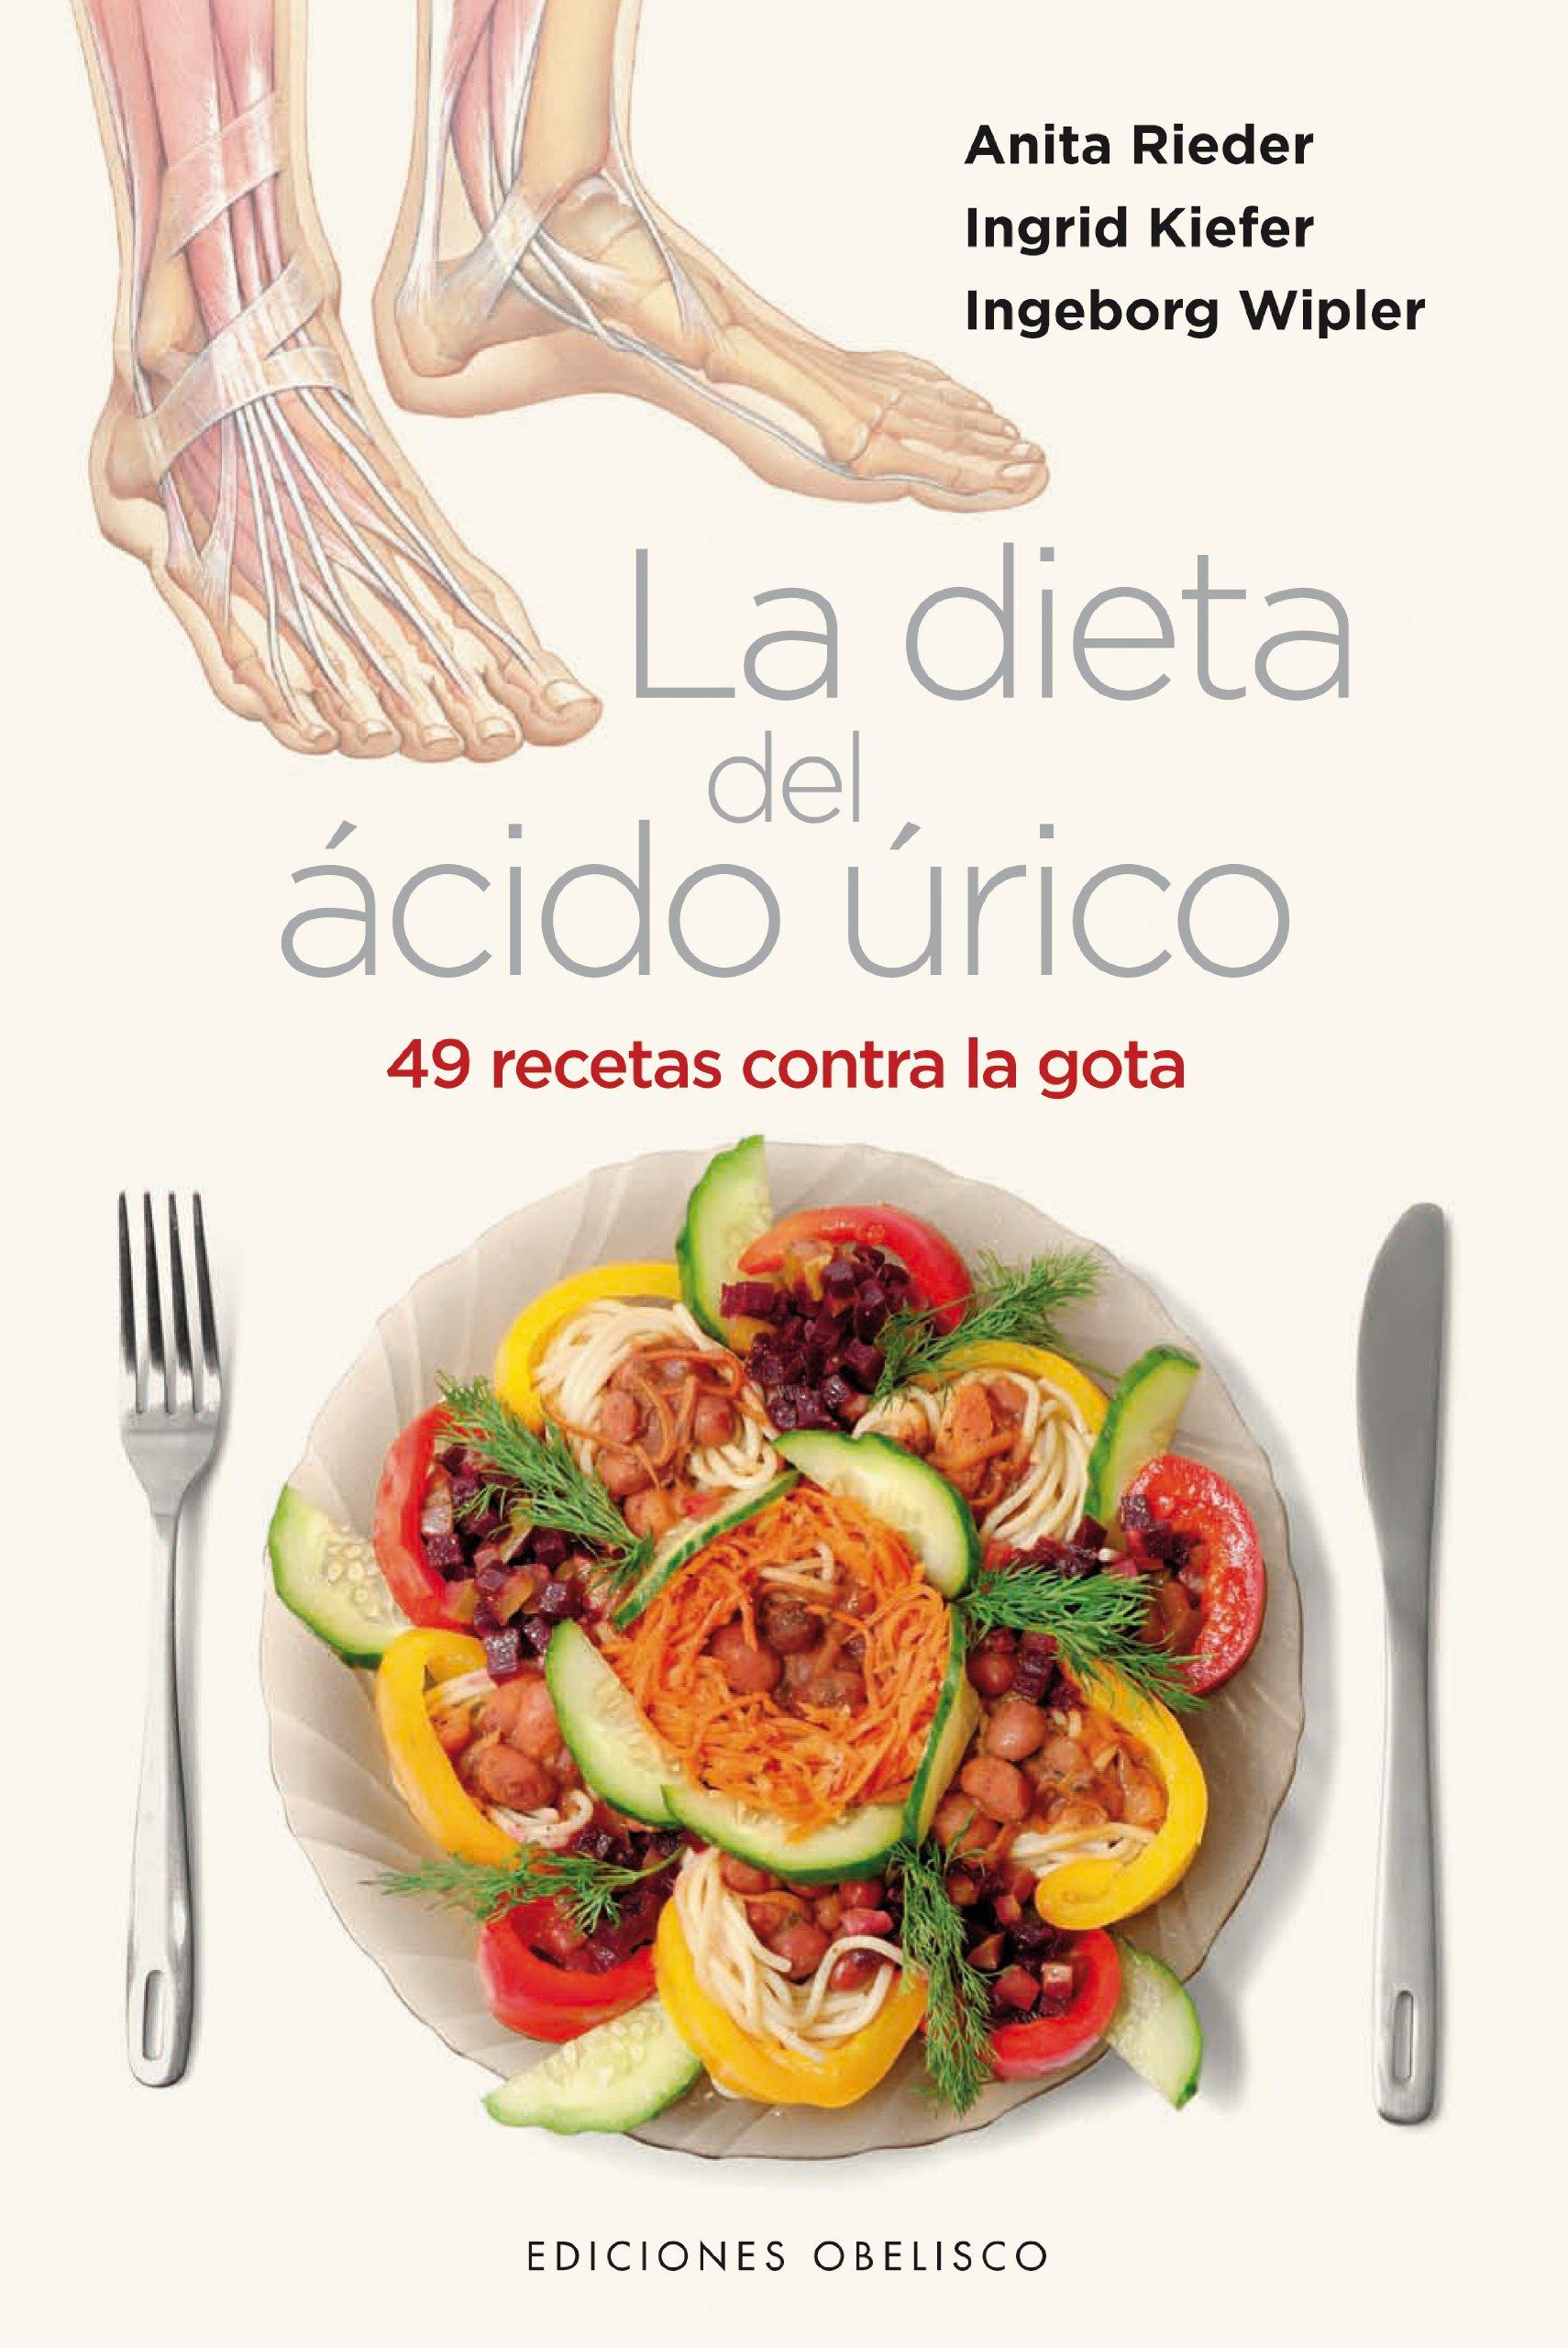 Alimento para reducir acido urico leer m s art culos gu as consejos m dicoss - Alimentos con alto contenido en acido urico ...